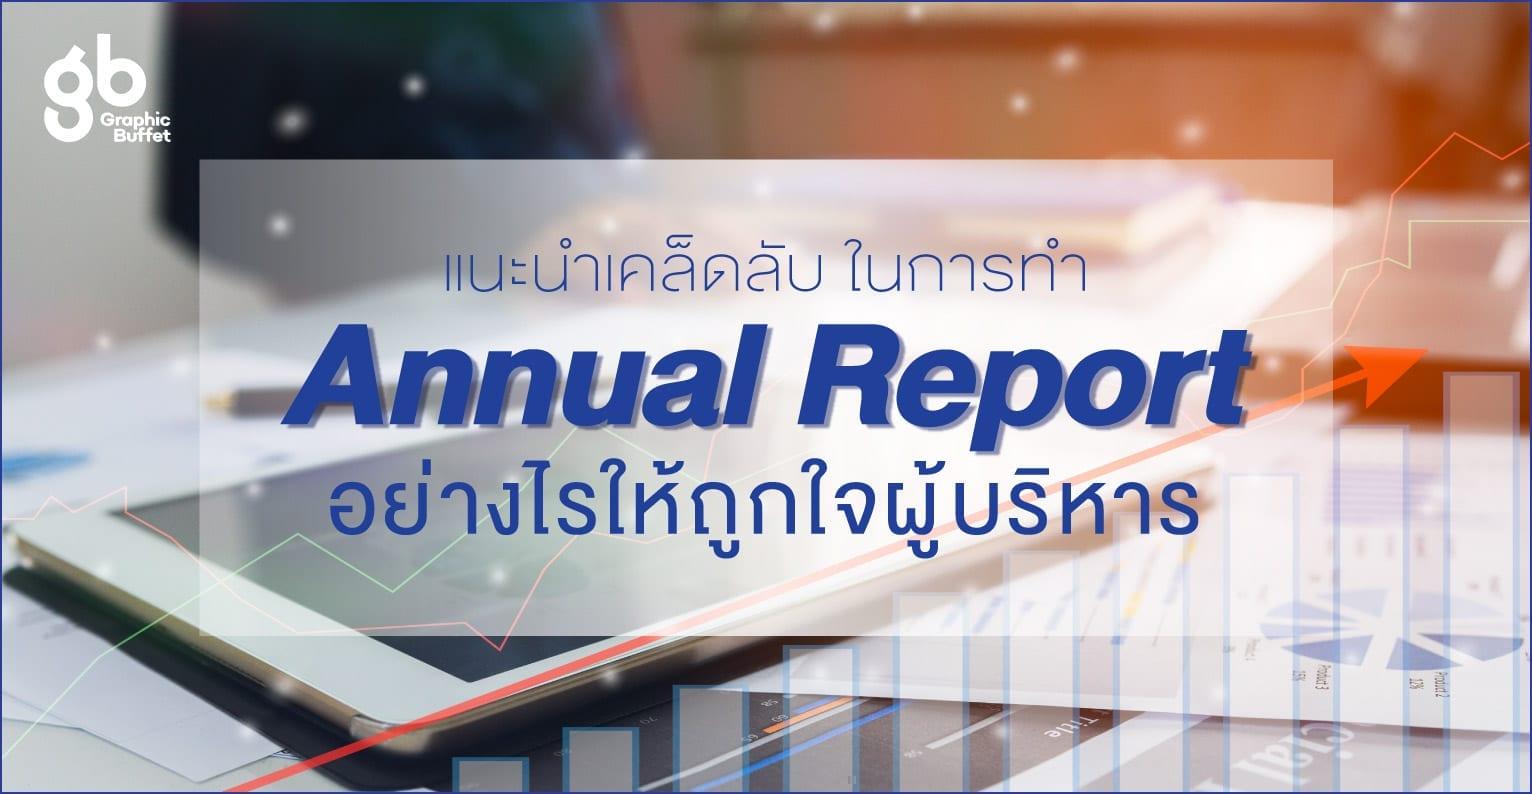 ในการทำ Annual Report อย่างไรให้ถูกใจผู้บริหาร แนะนำเคล็ดลับ ในการทำ Annual Report อย่างไรให้ถูกใจผู้บริหาร